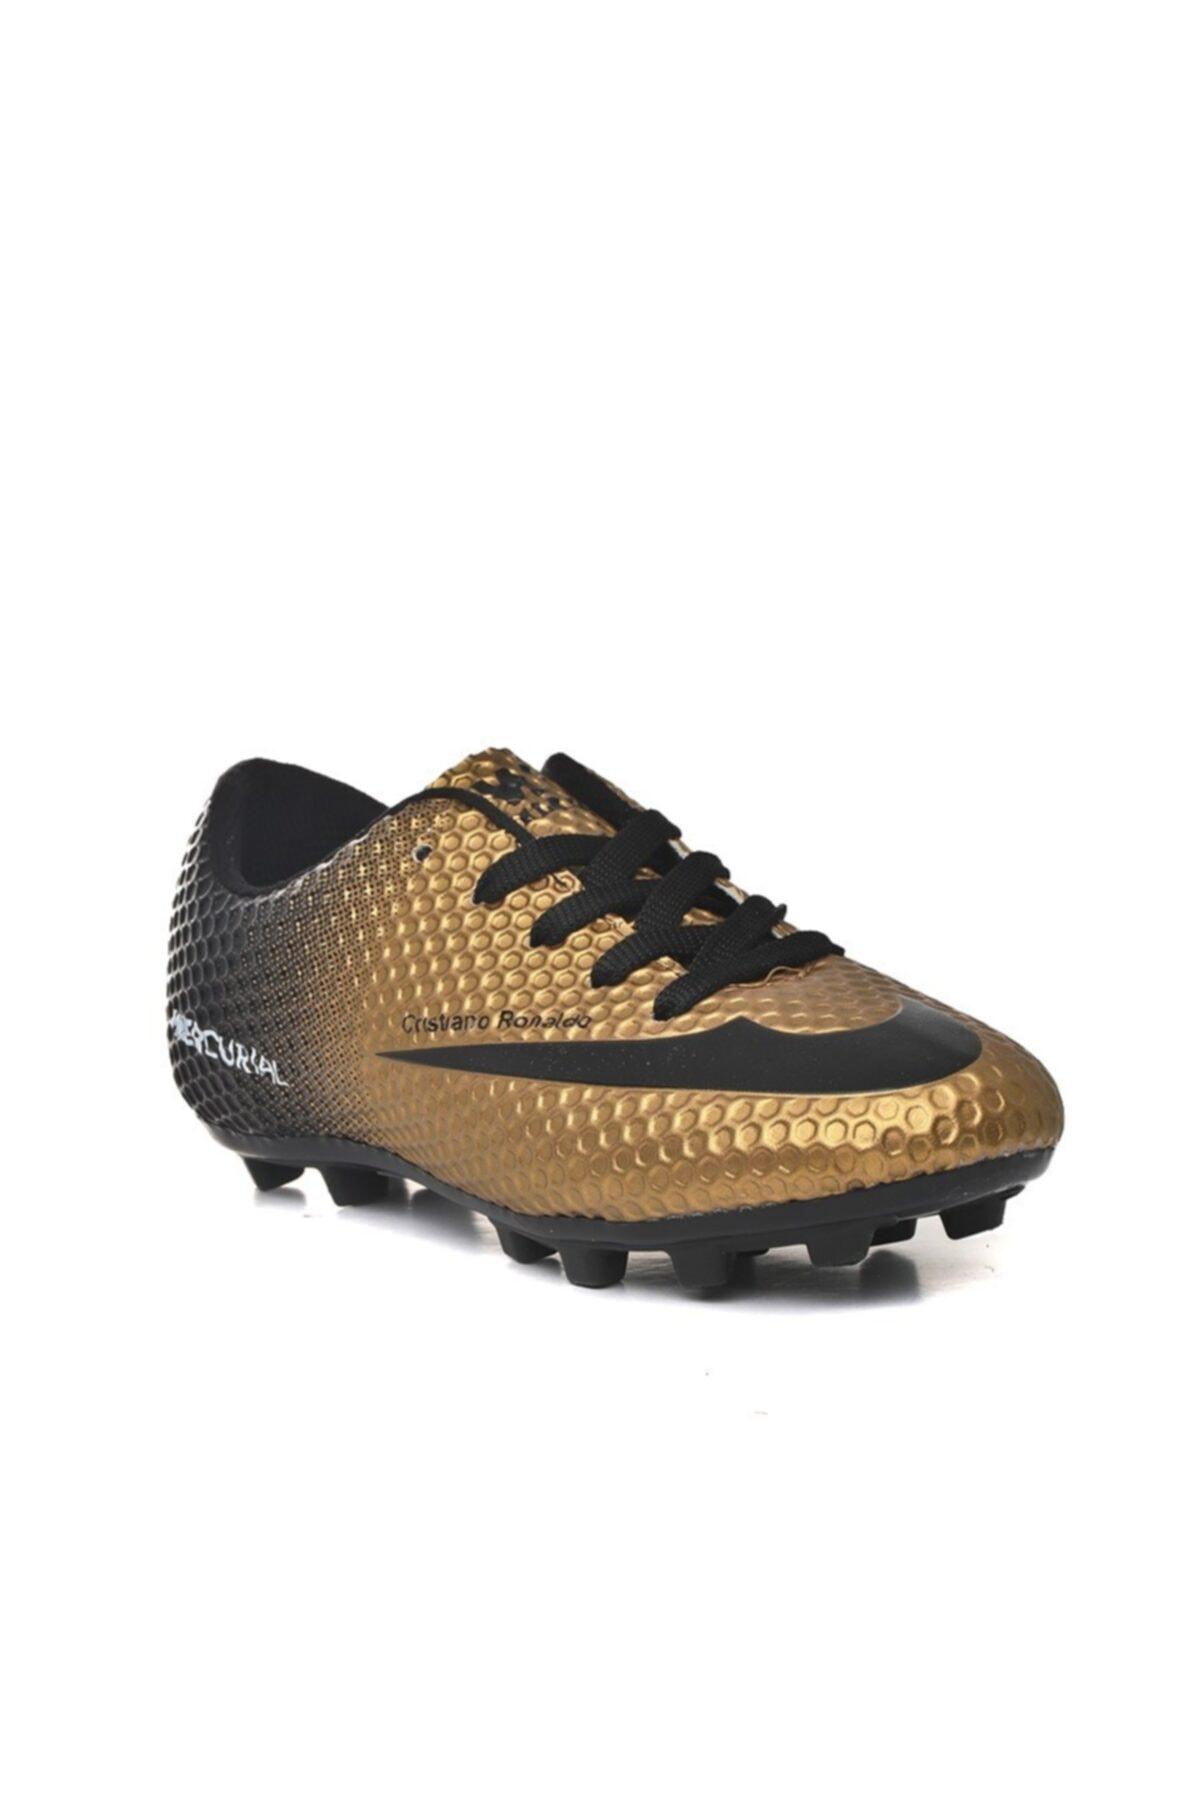 کفش کتونی مردانه مارک دار برند Walked رنگ طلایی ty107337184